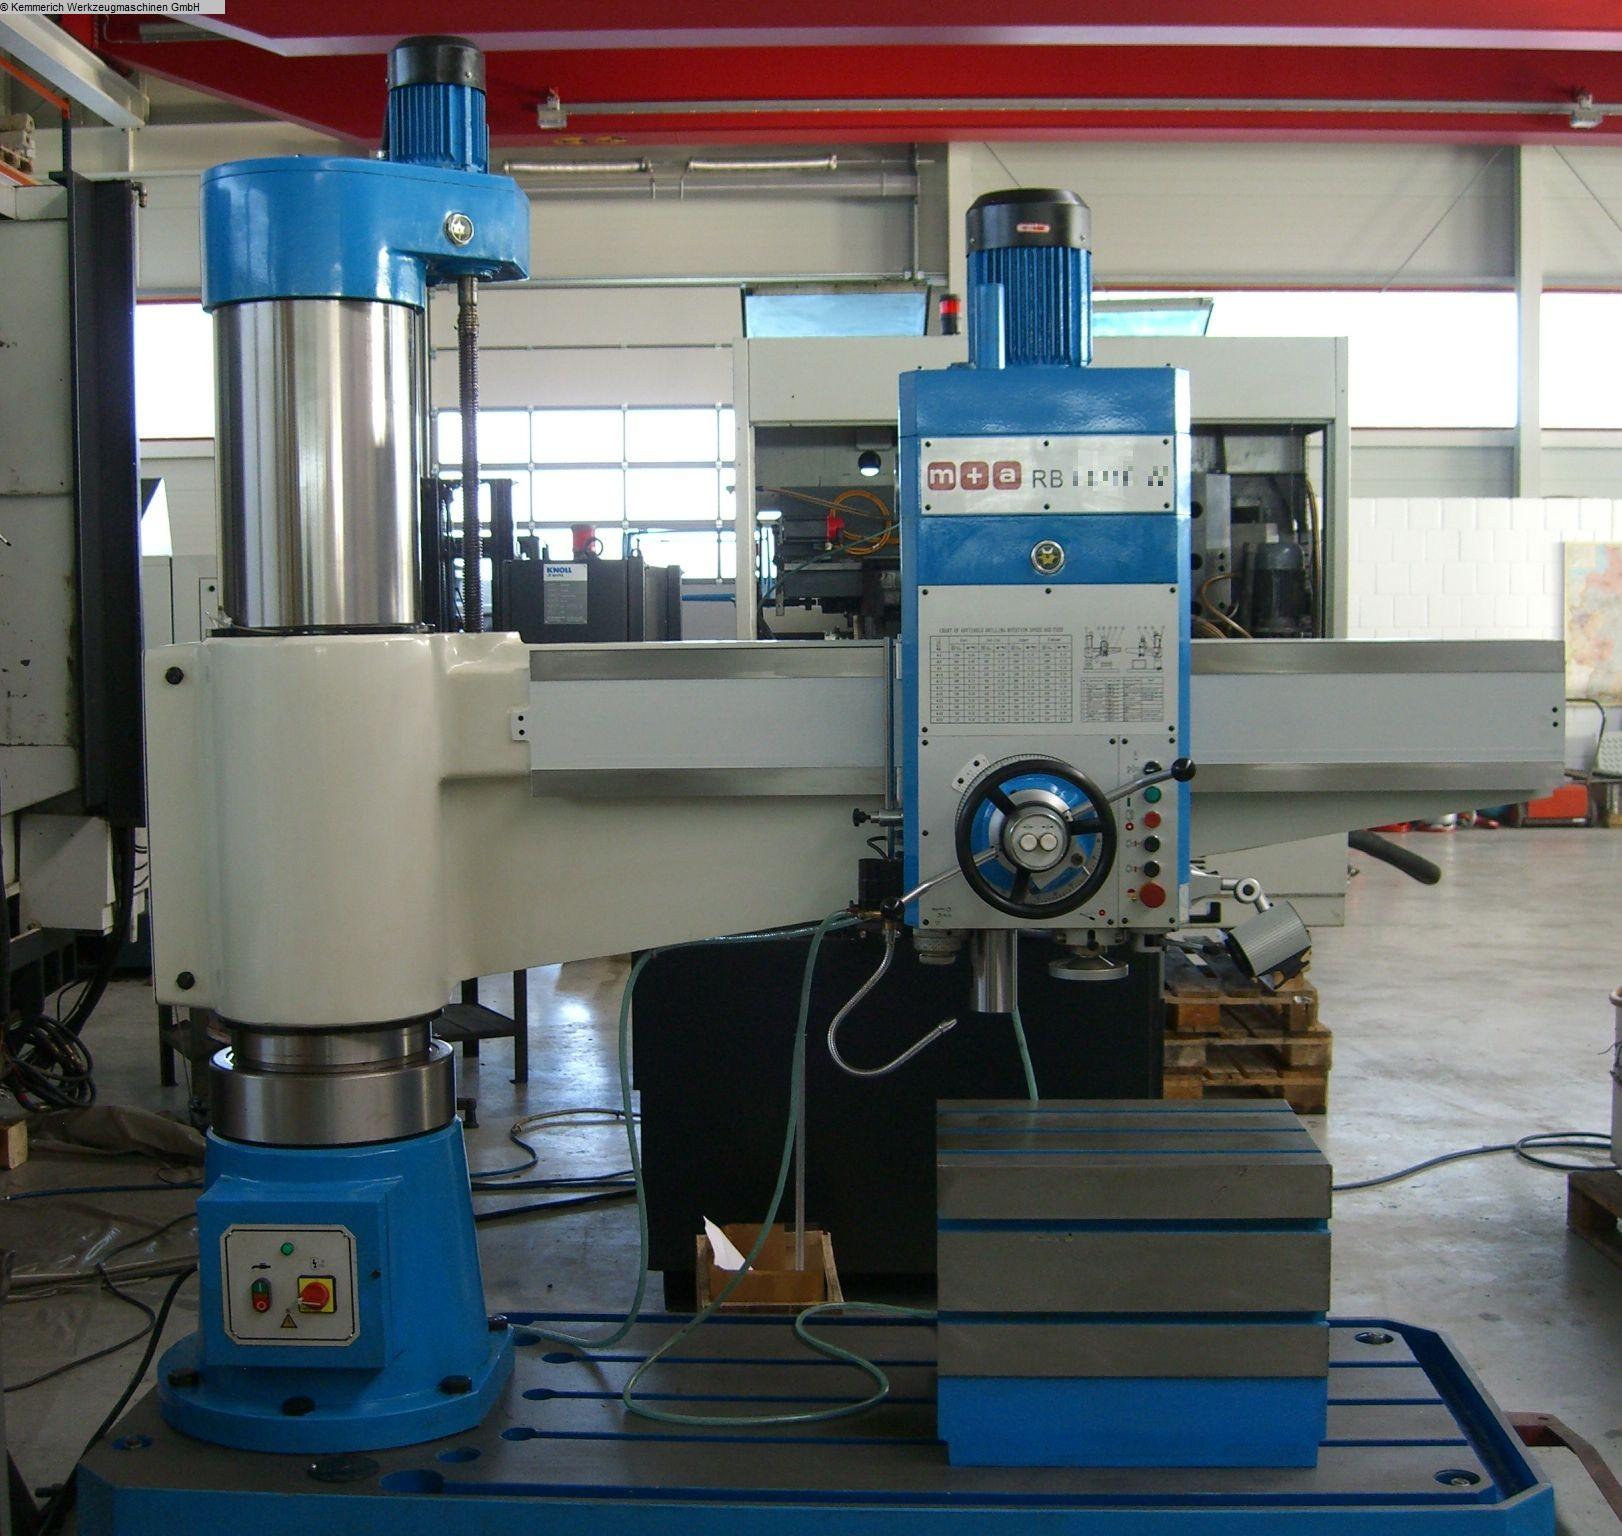 Mulinatrici / Centri di lavoro / Foratrici Radial Drilling Machine M + A RB 63 / 20